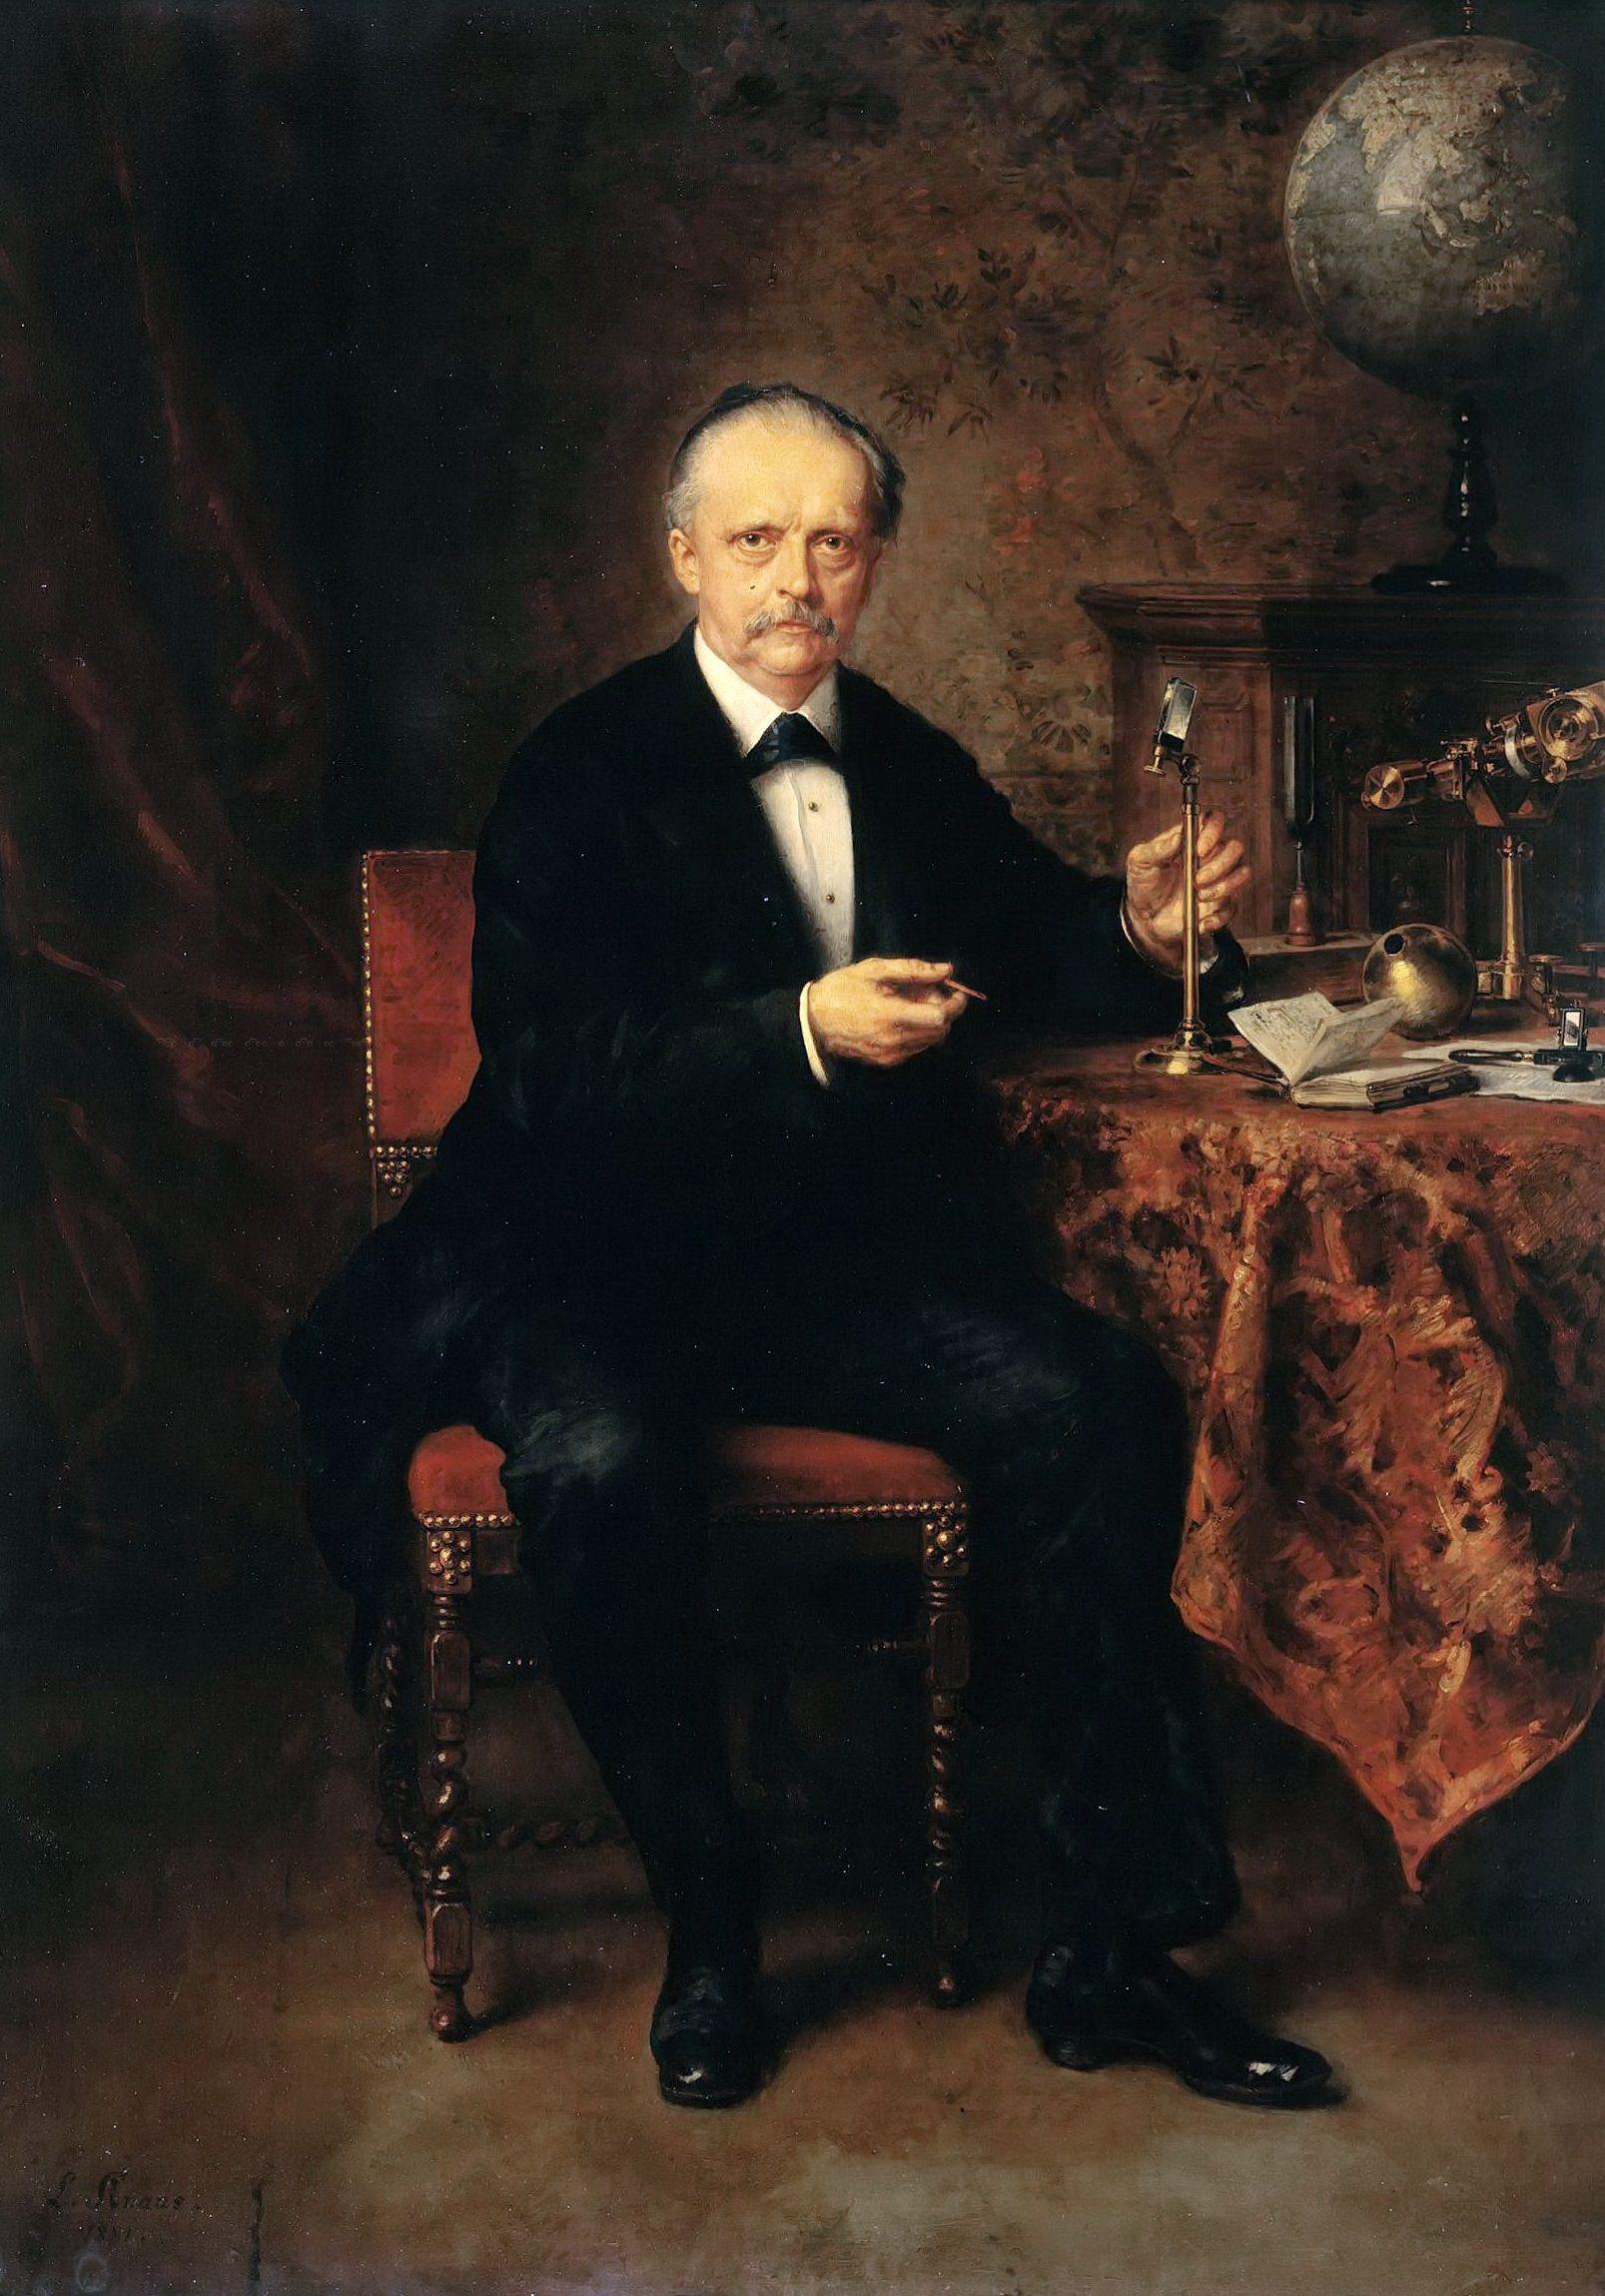 Hermann_von_Helmholtz_by_Ludwig_Knaus.jpg